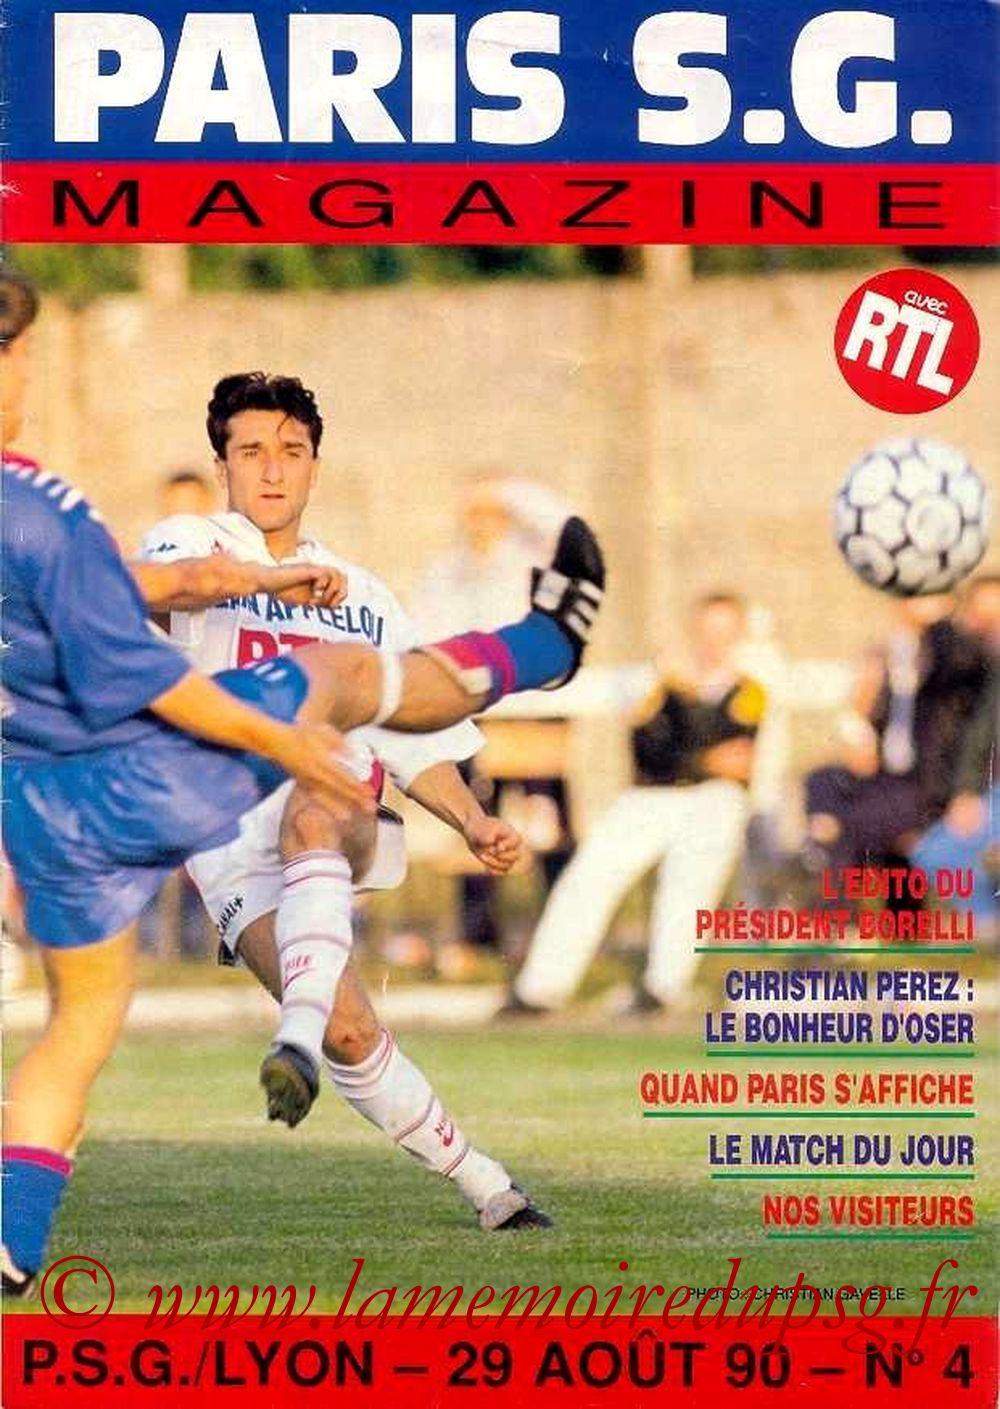 1990-08-29  PSG-Lyon (7ème D1, Paris SG Magazine N°4)